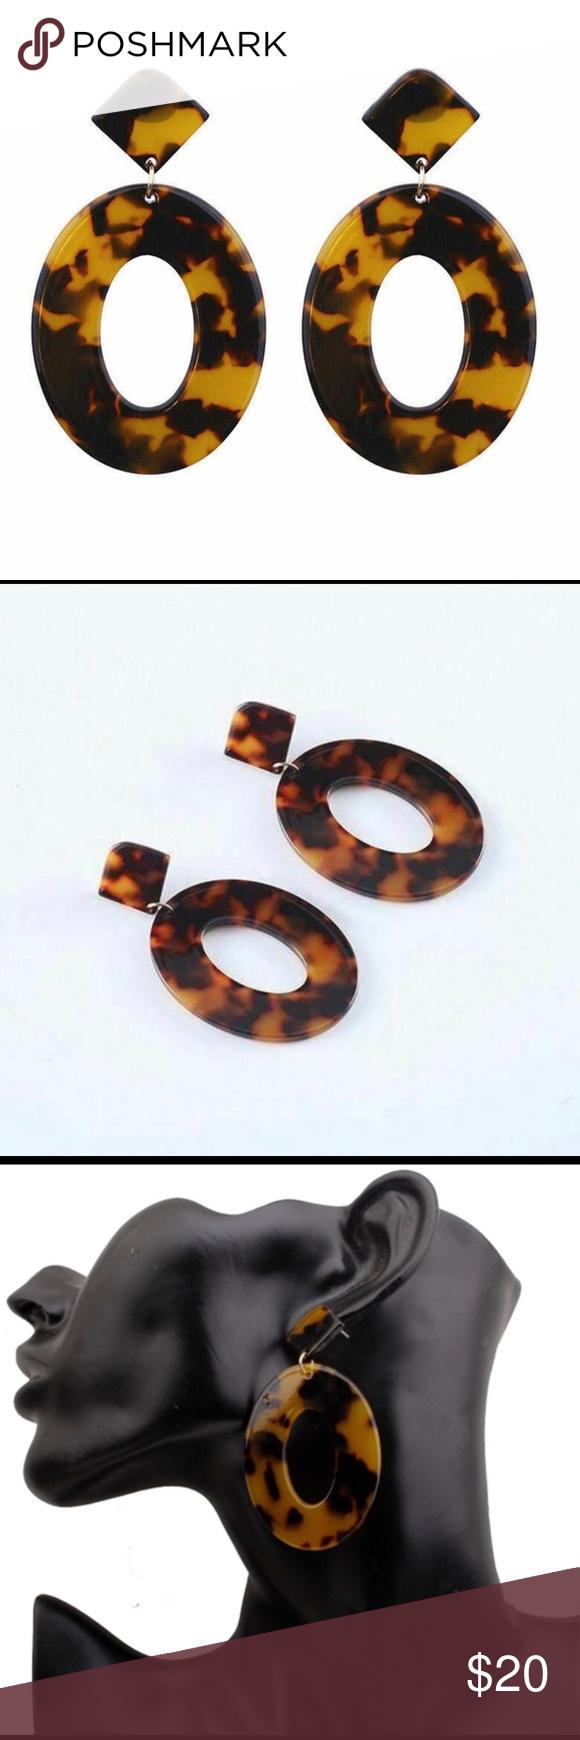 Acrylic Tortoise Earrings Boho Geometric Shape Acrylic Tortoise Earrings Boho Geometric Shape  Acrylic & Alloy  #0125 Jewelry Earrings